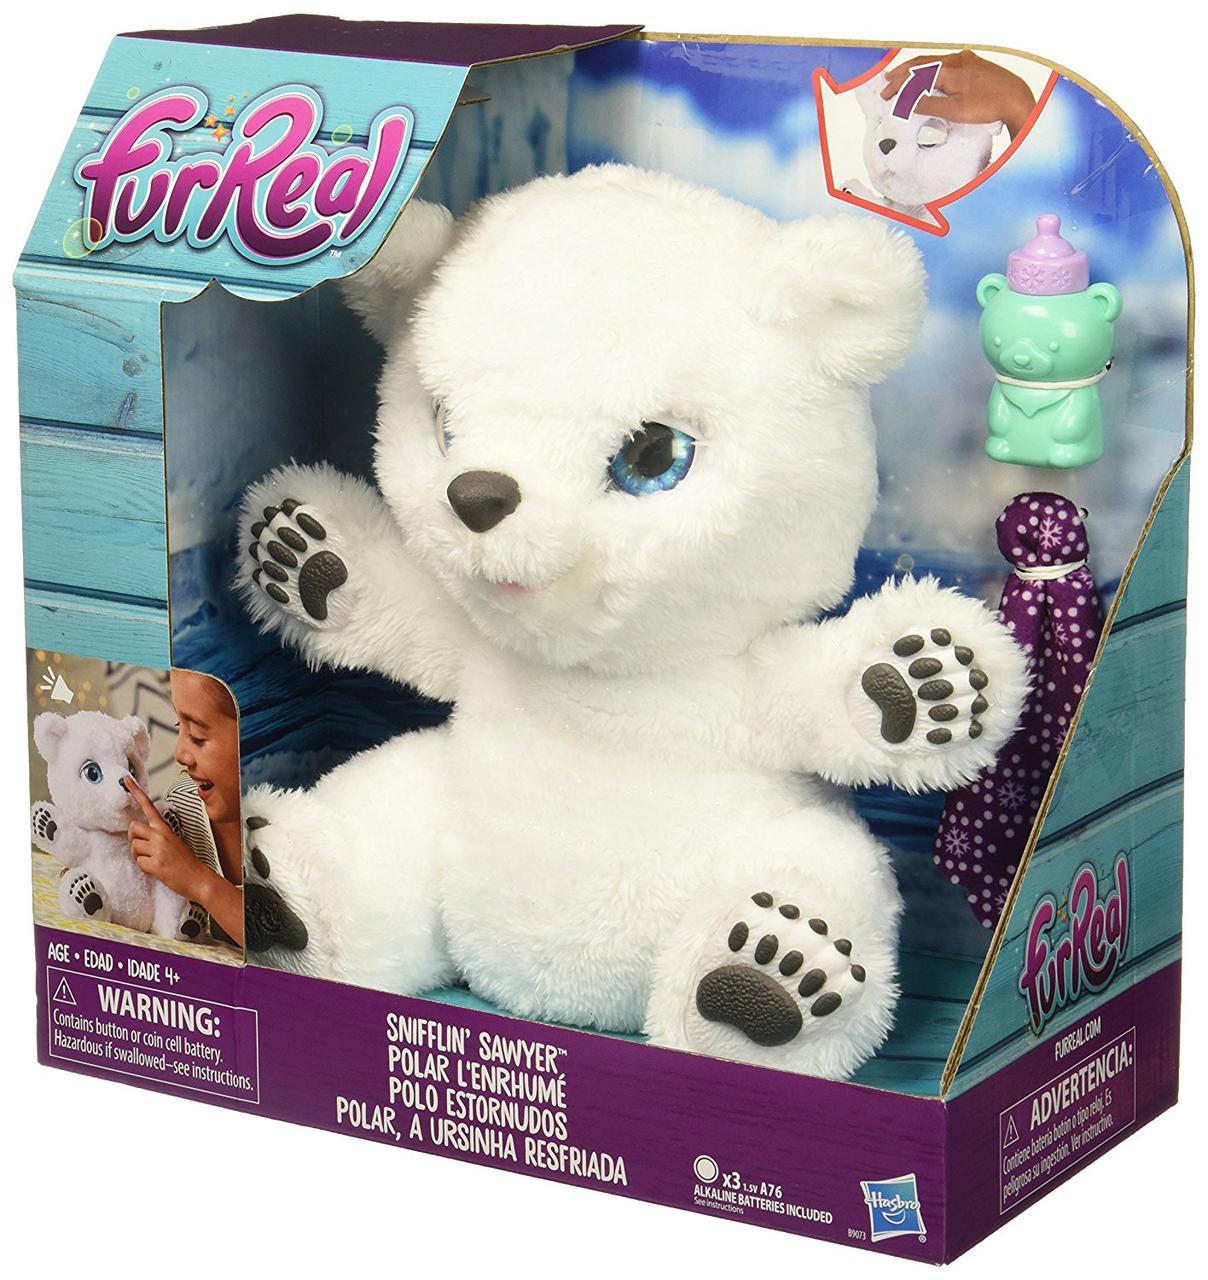 FurReal интерактивный Полярный мишка от Hasbro